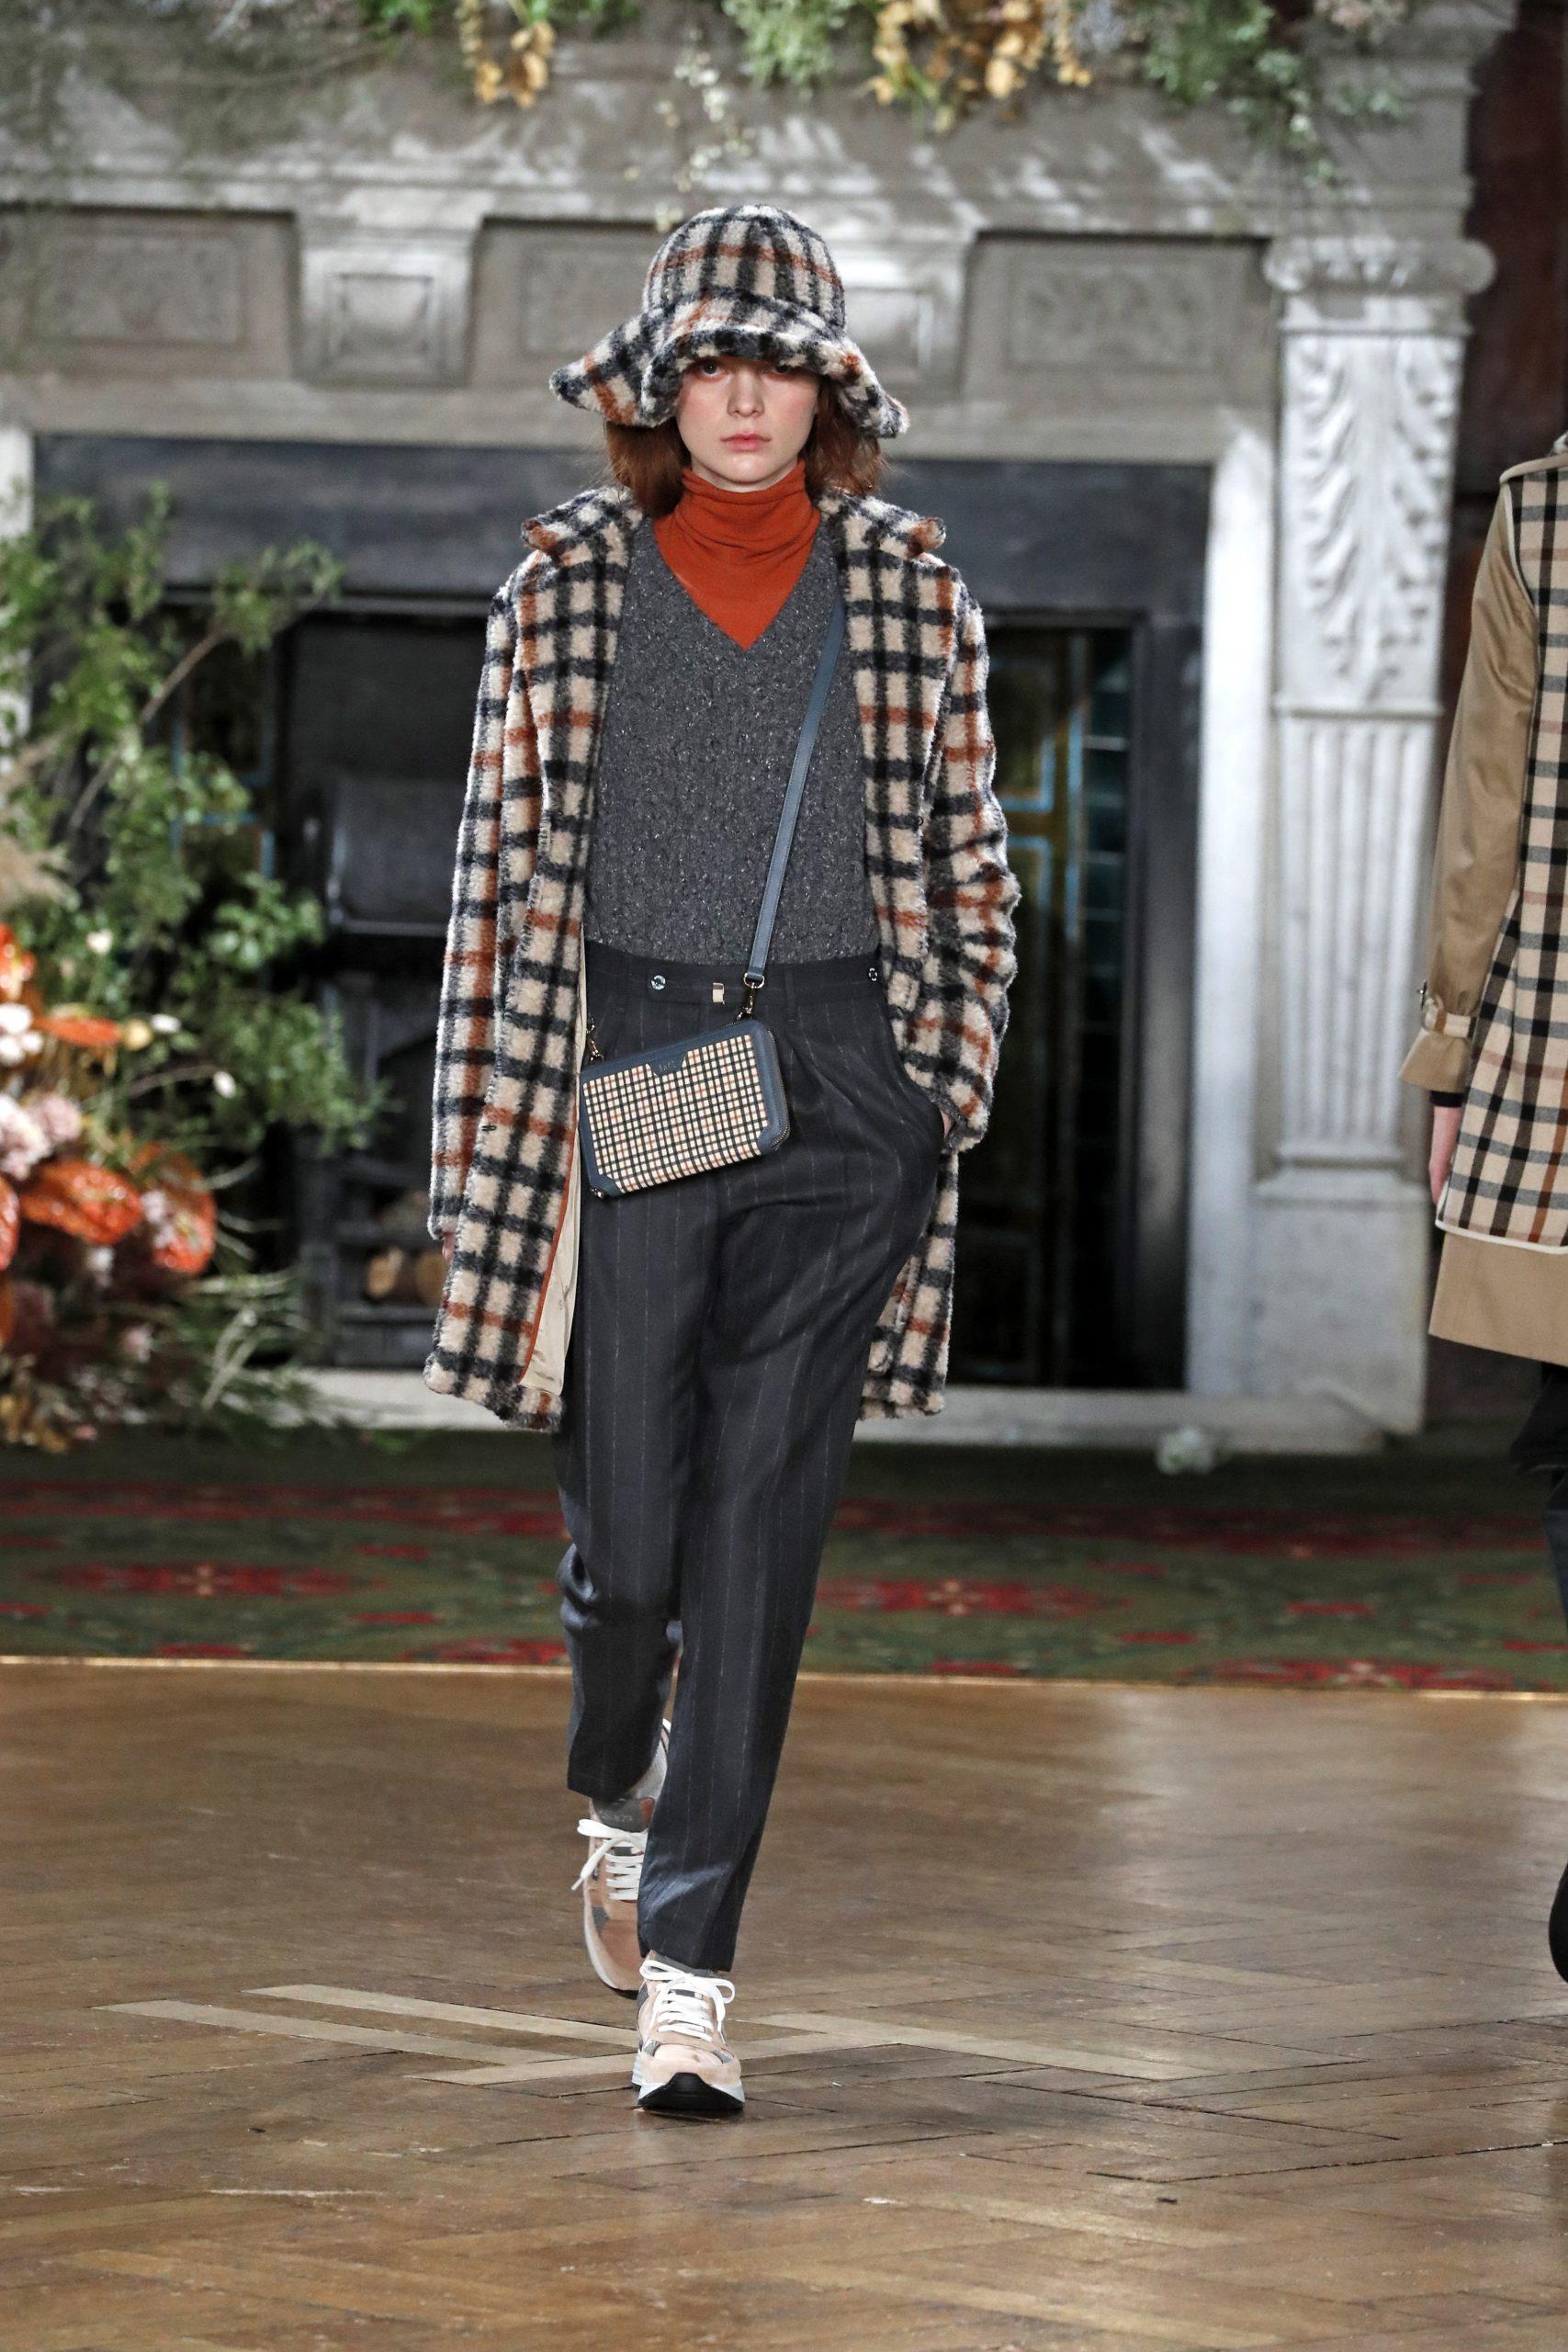 модное пальто осень 2020 в клетку крупную черно-белое коричневое